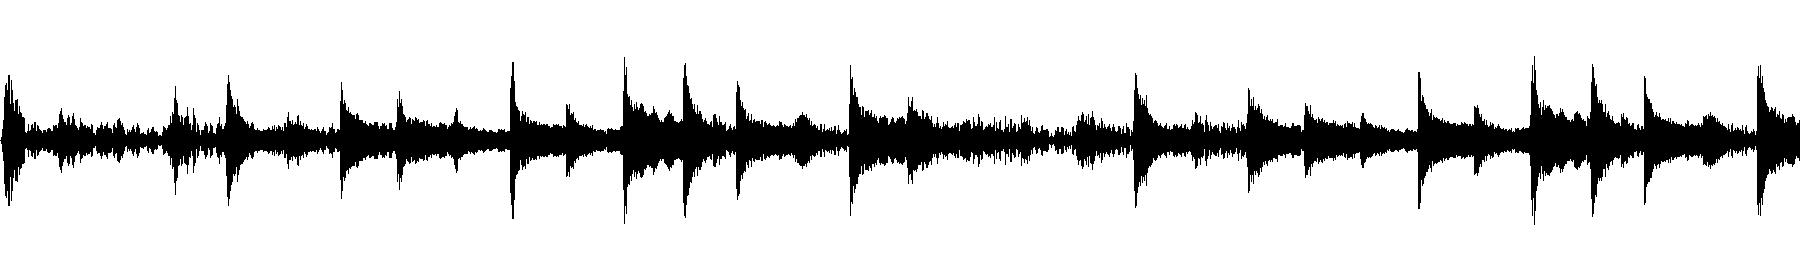 karmic illusion loop 1